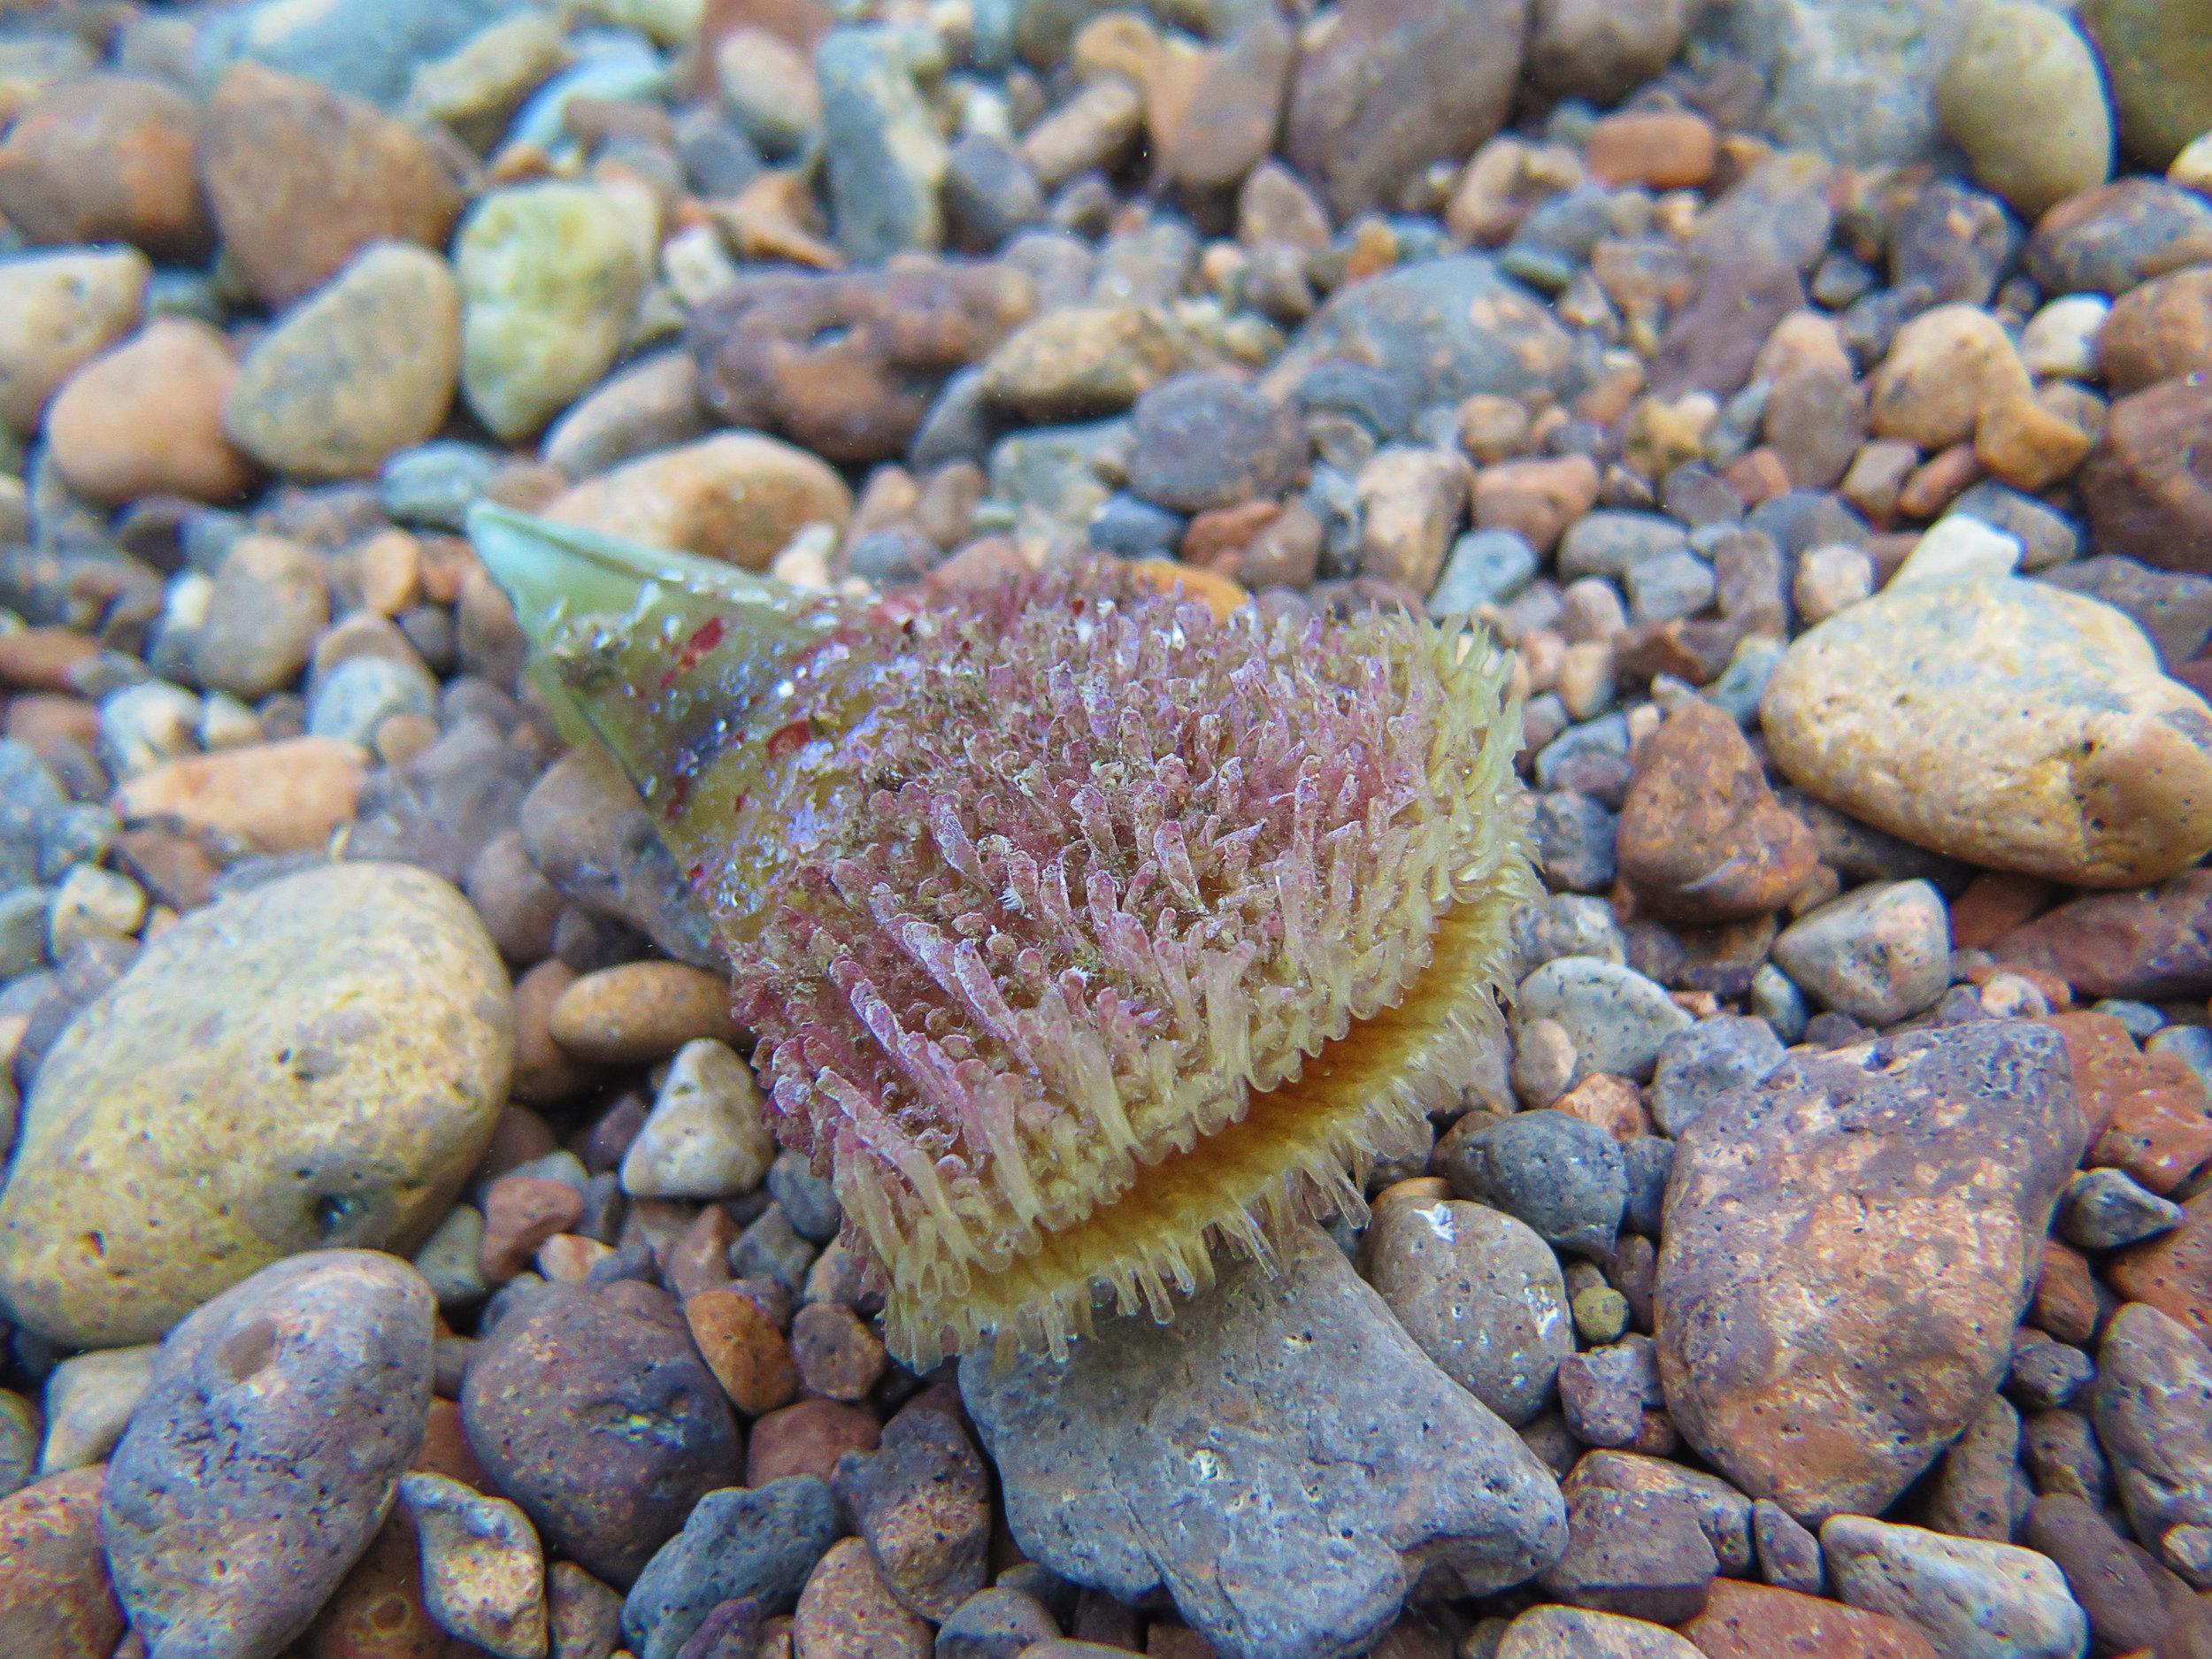 Fan mussel shell